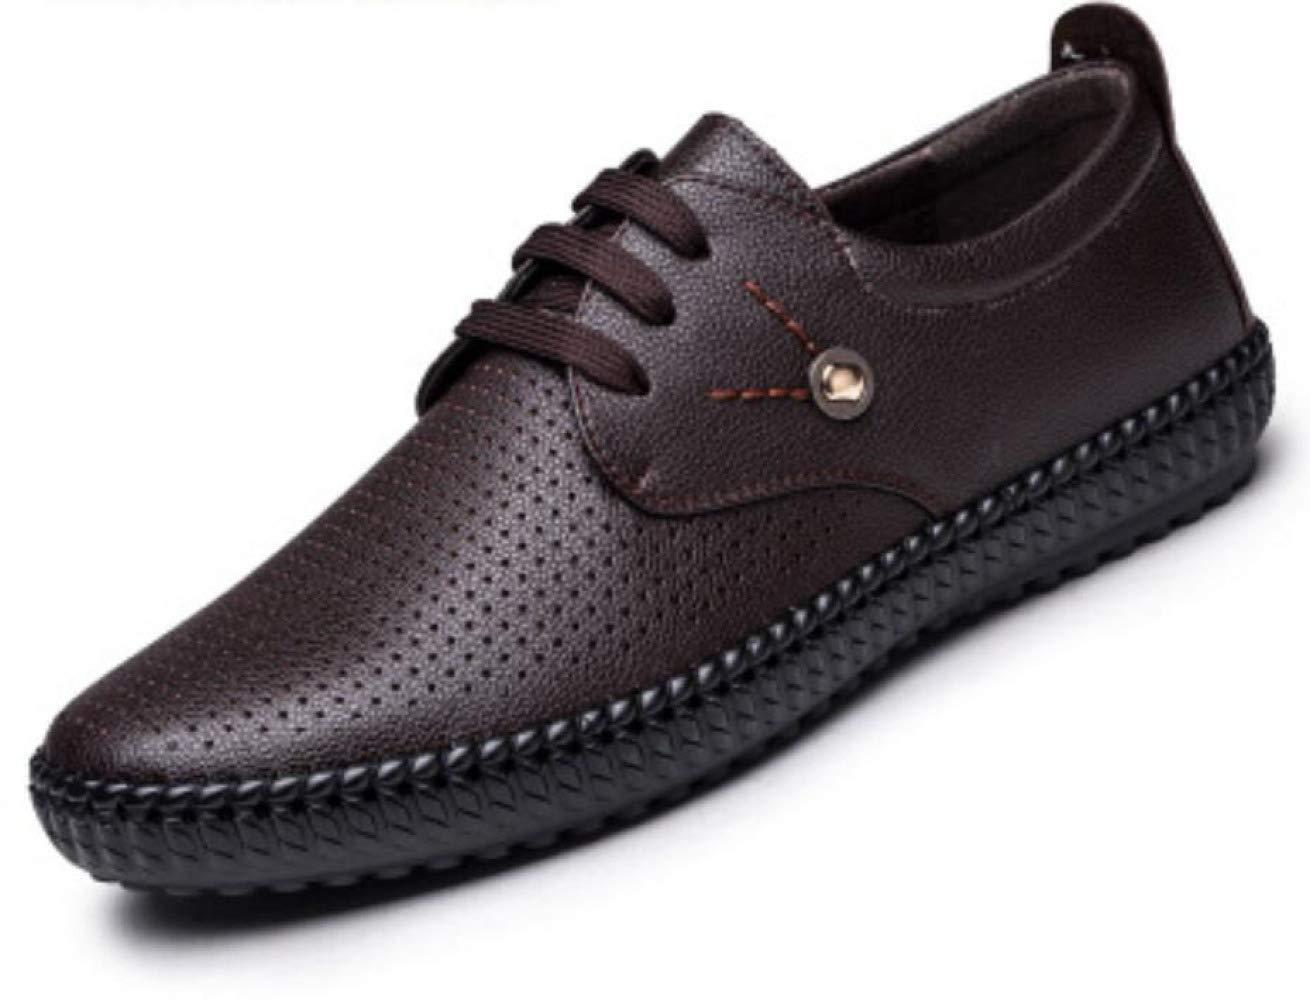 Verano Hueco Sandalias Cordones Zapatos Casuales Transpirables Zapatos Individuales 42 EU|Brown